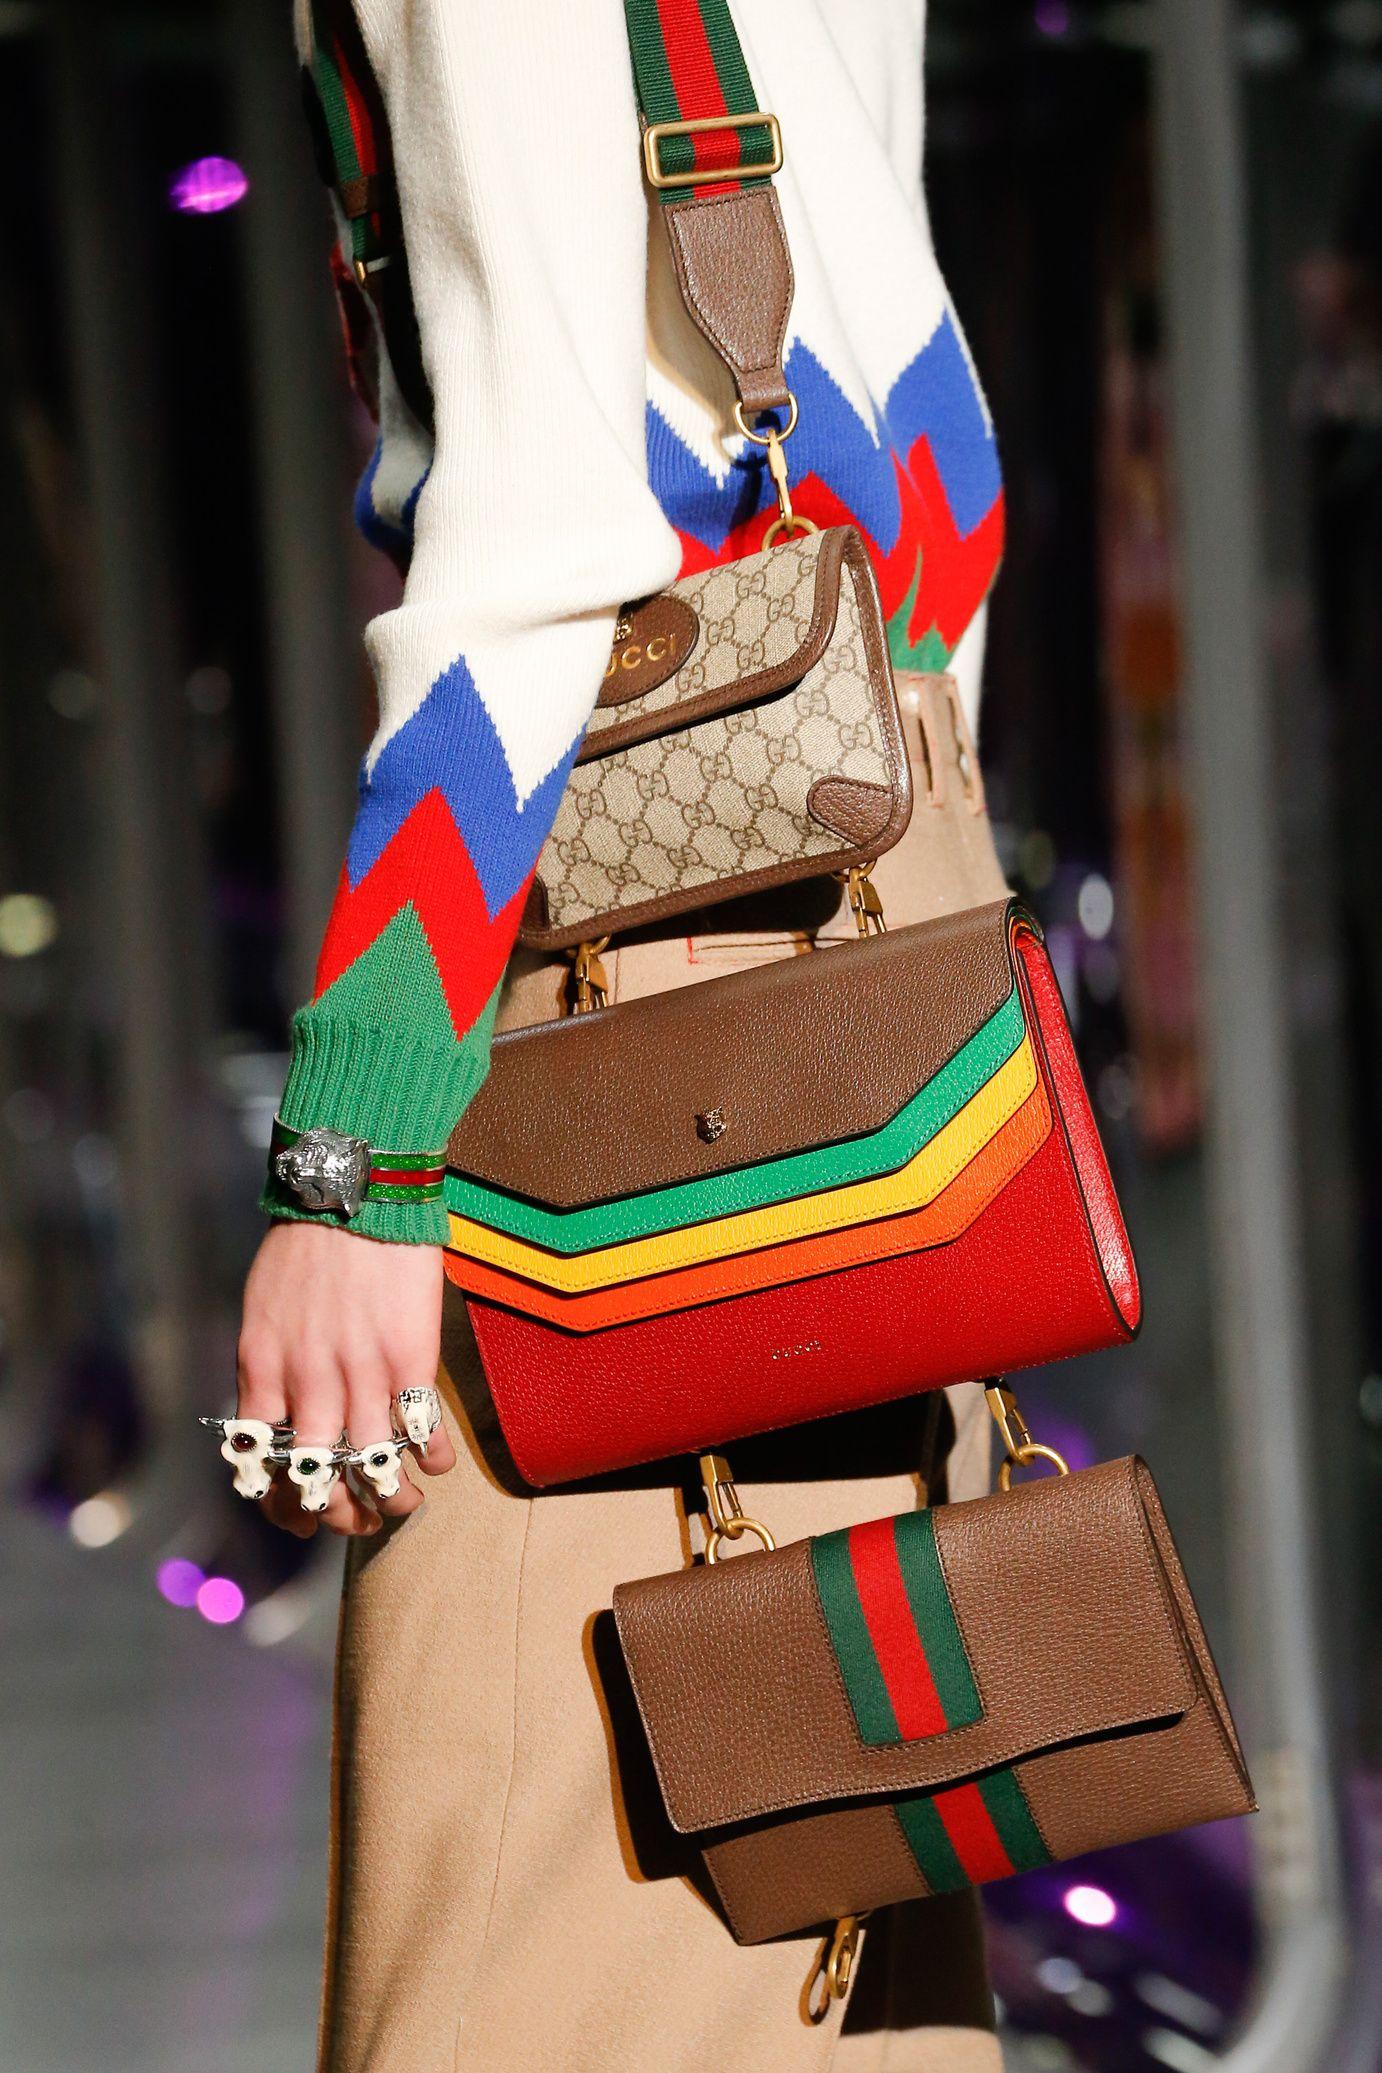 Défilé Gucci prêt-à-porter femme automne-hiver 2017-2018 57 98e4b43c218